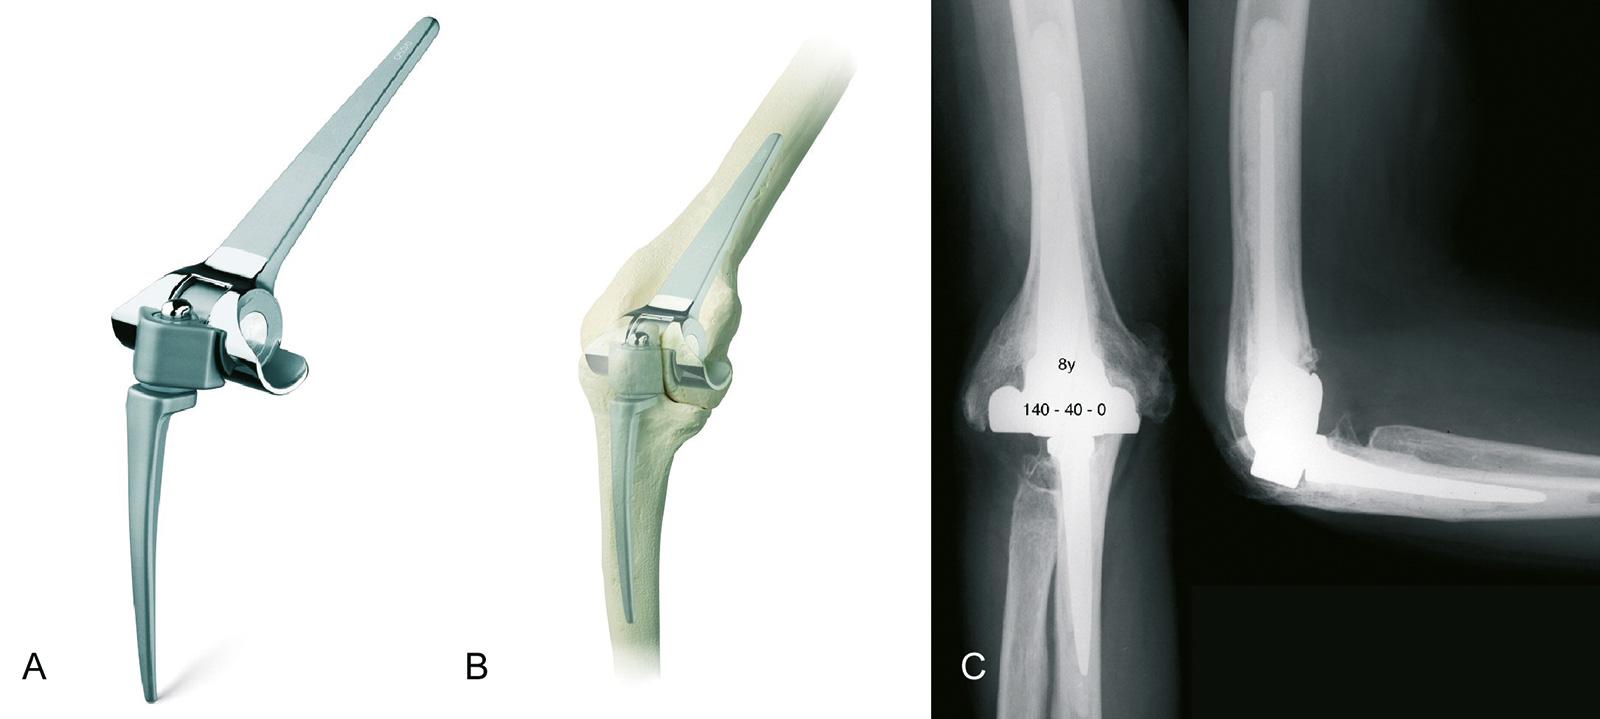 Abb. 1-68: GSB III Prothese: Implantat, Schemazeichnung und Röntgenbild nach Implantation (Mit freundlicher Genehmigung der Centerpulse Orthopedics Ltd. a Zimmer Company)